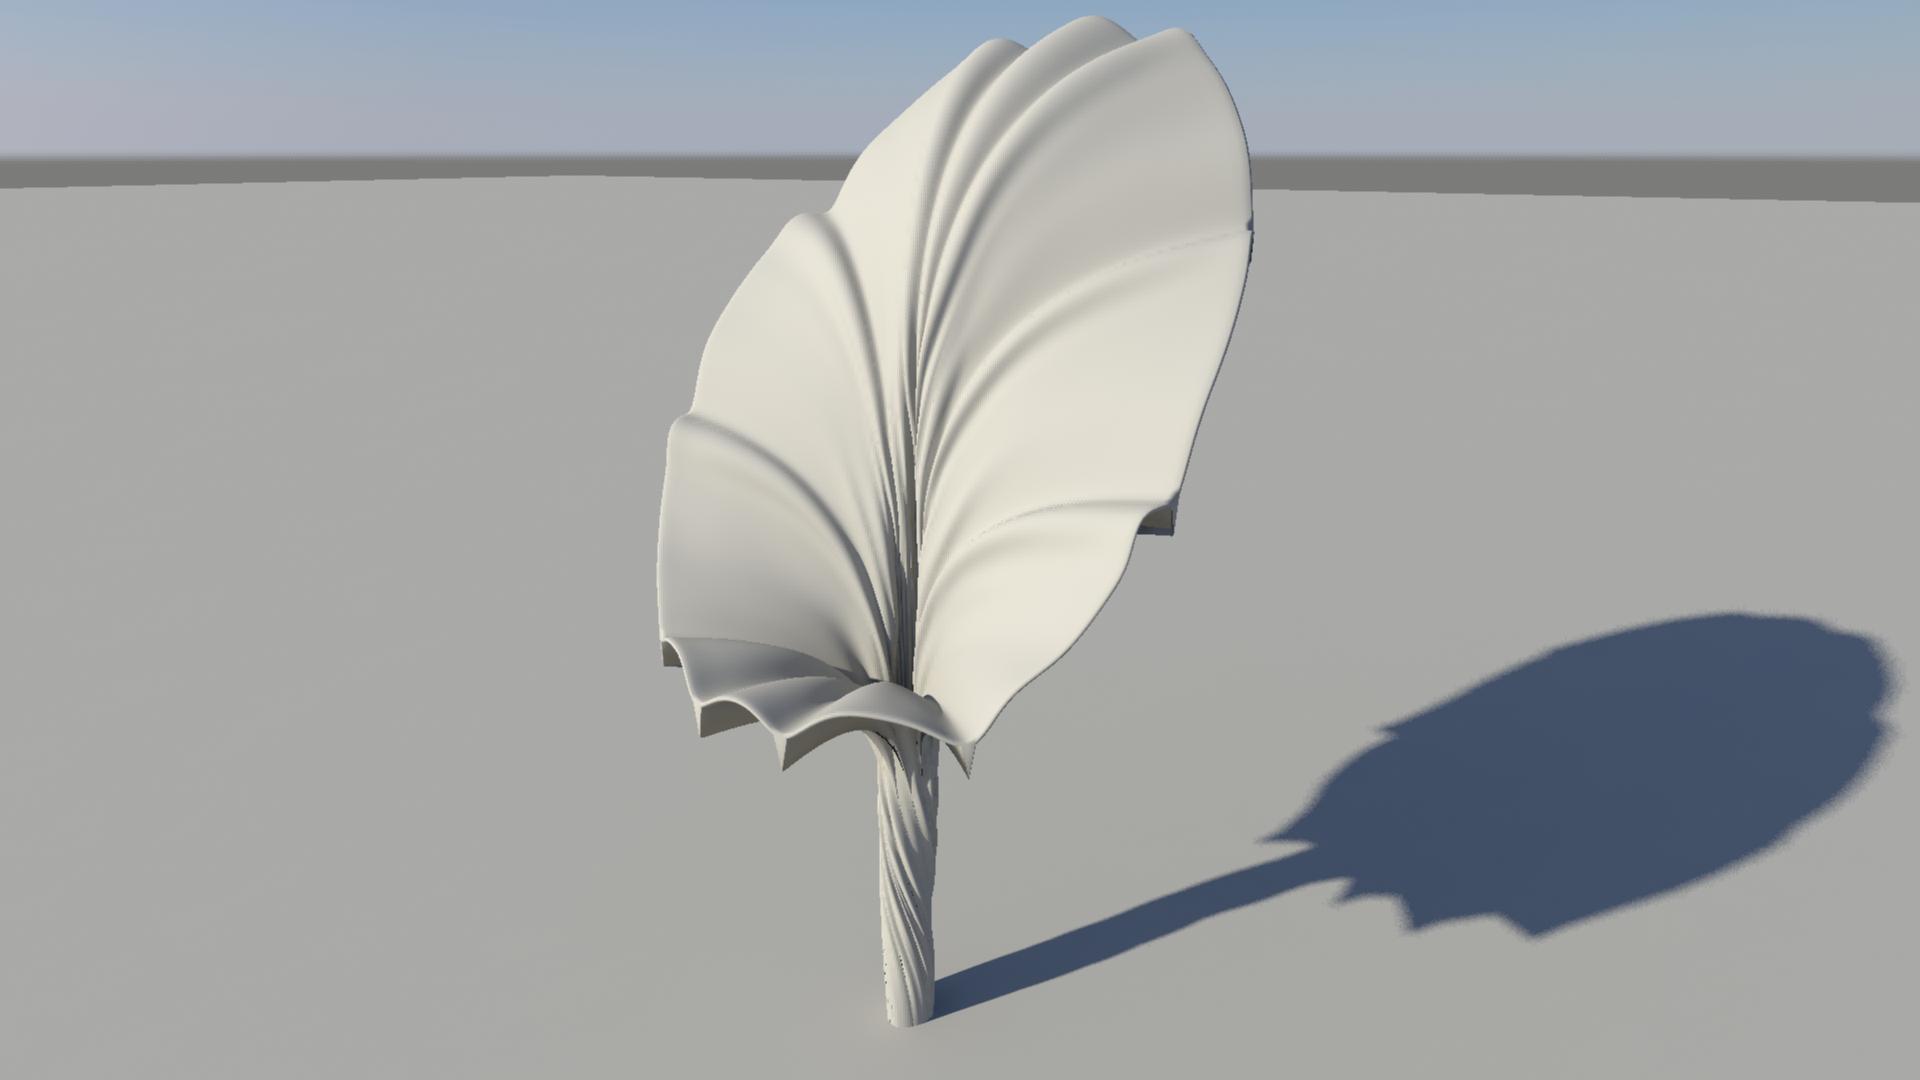 DigiFab_Component 2